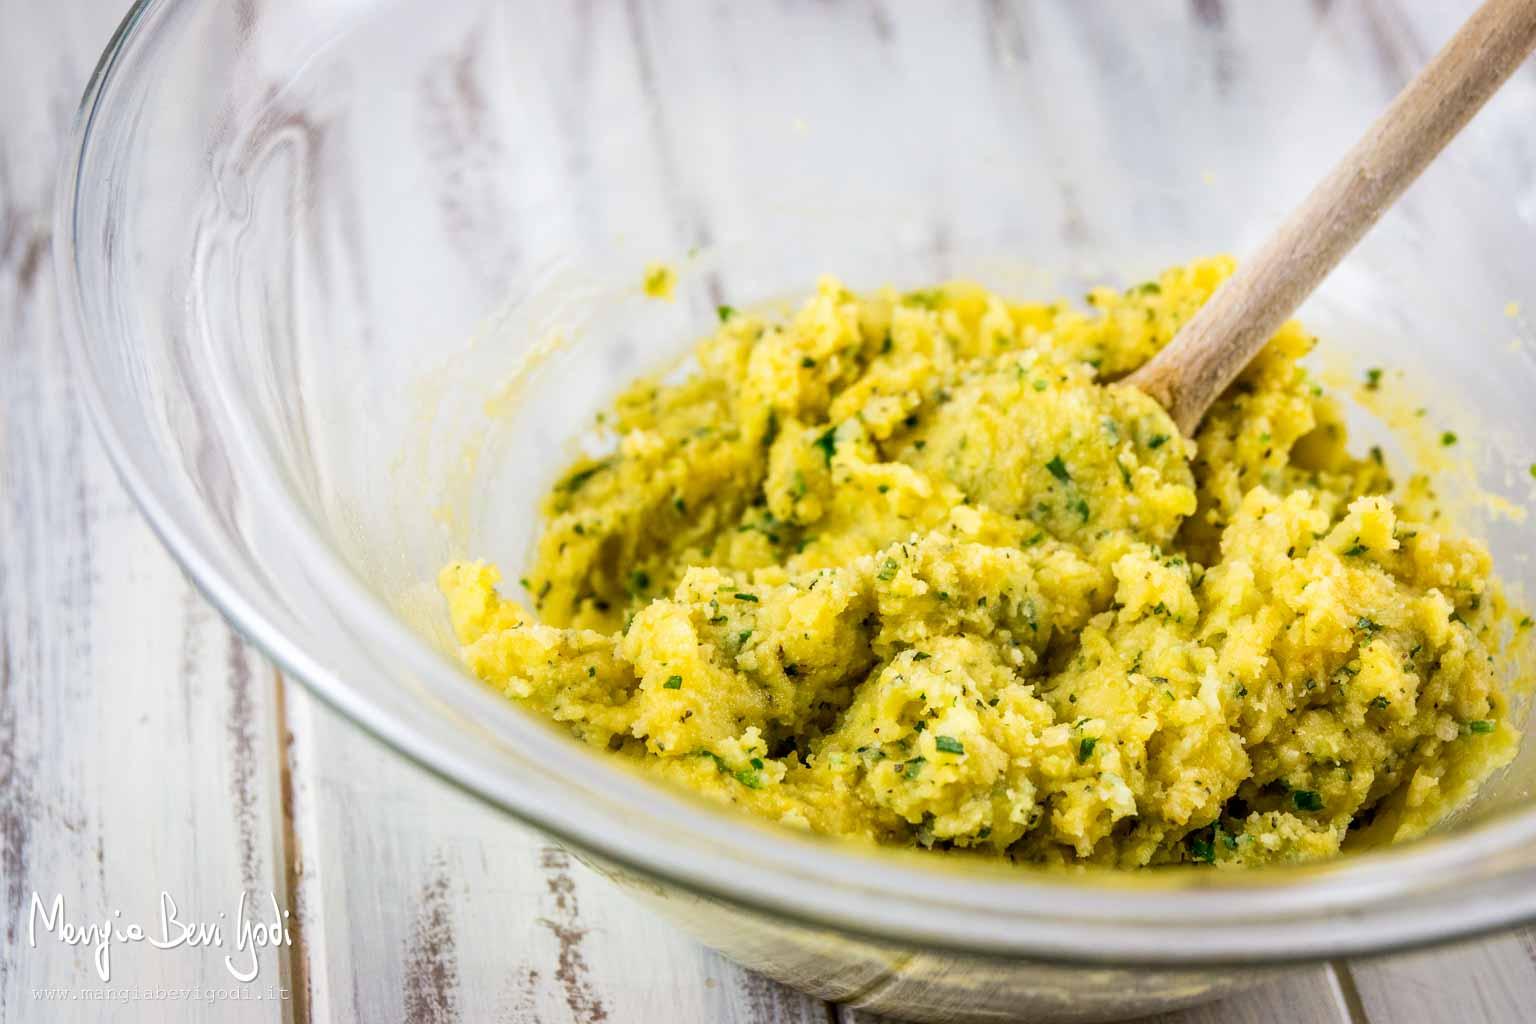 Impastare la purea di patate con gli altri ingredienti